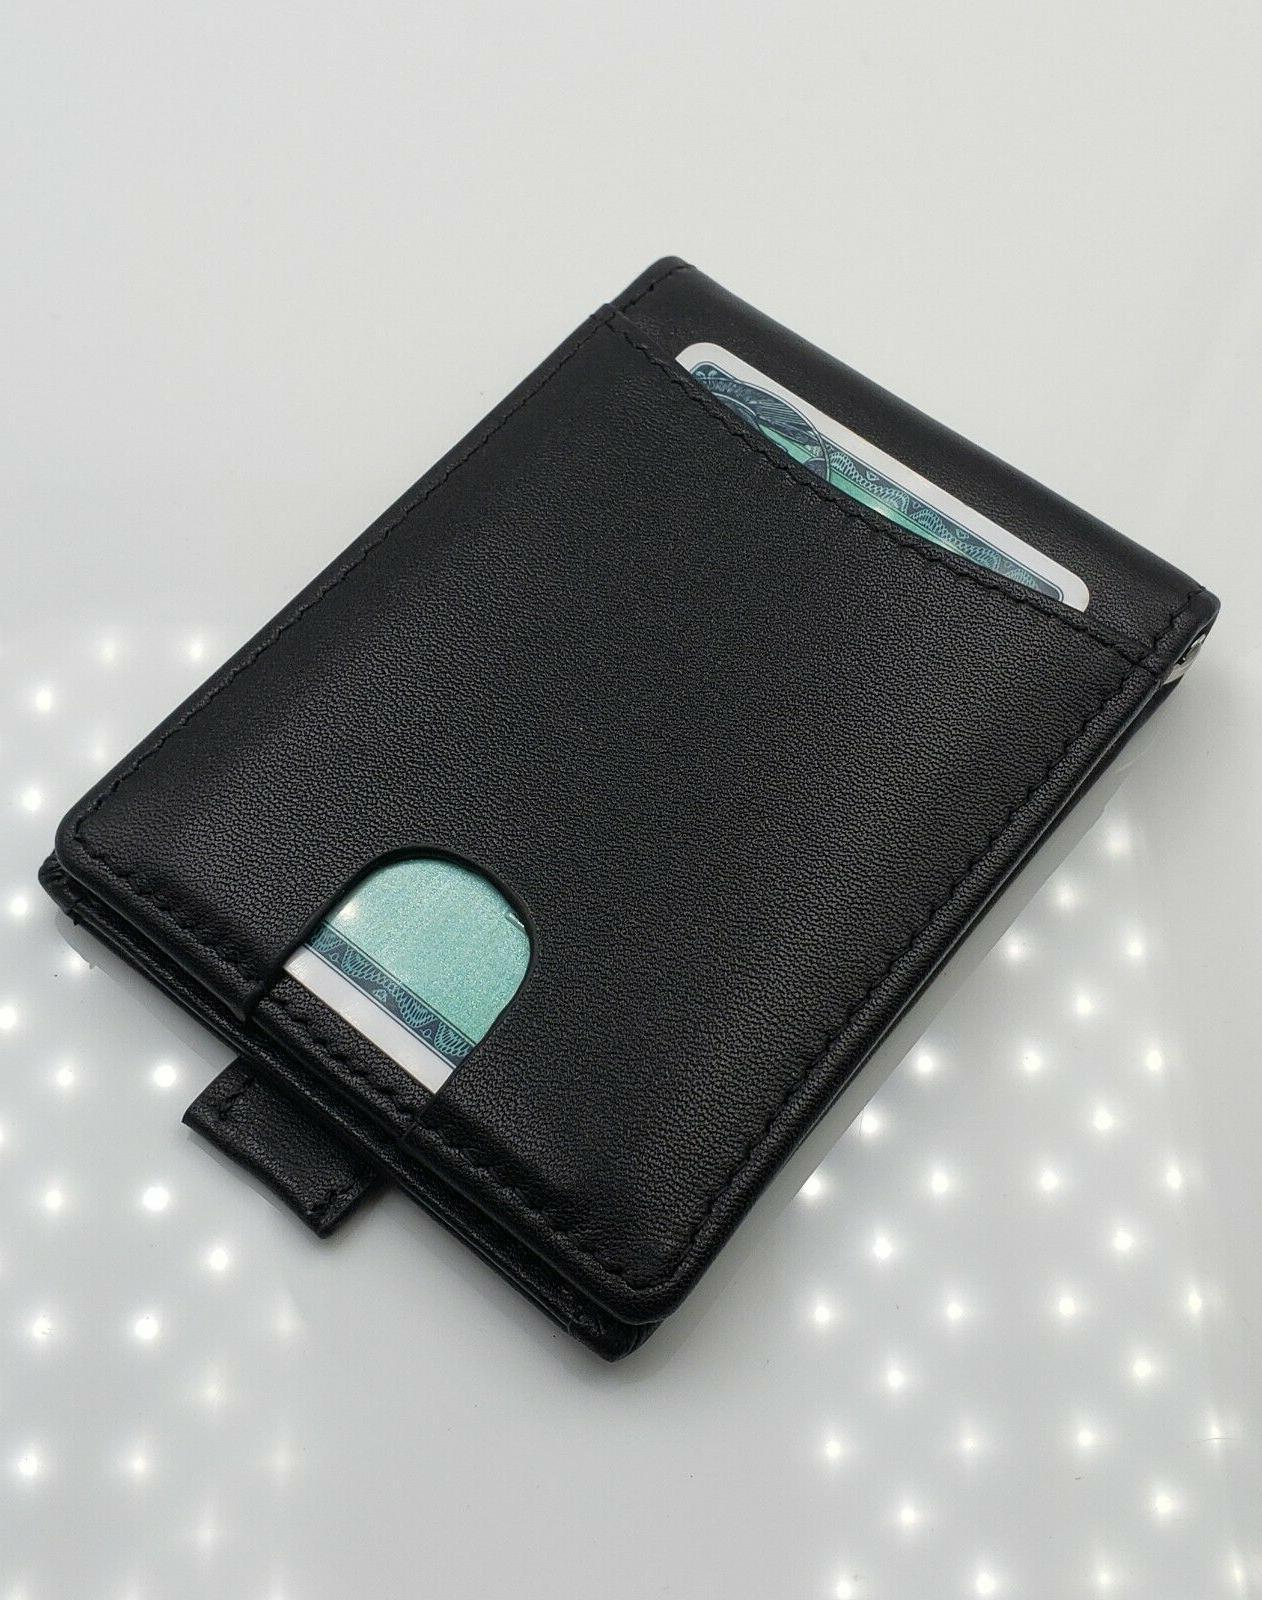 AG Wallets Bifold Wallet, Slim Design, Minimalist Money